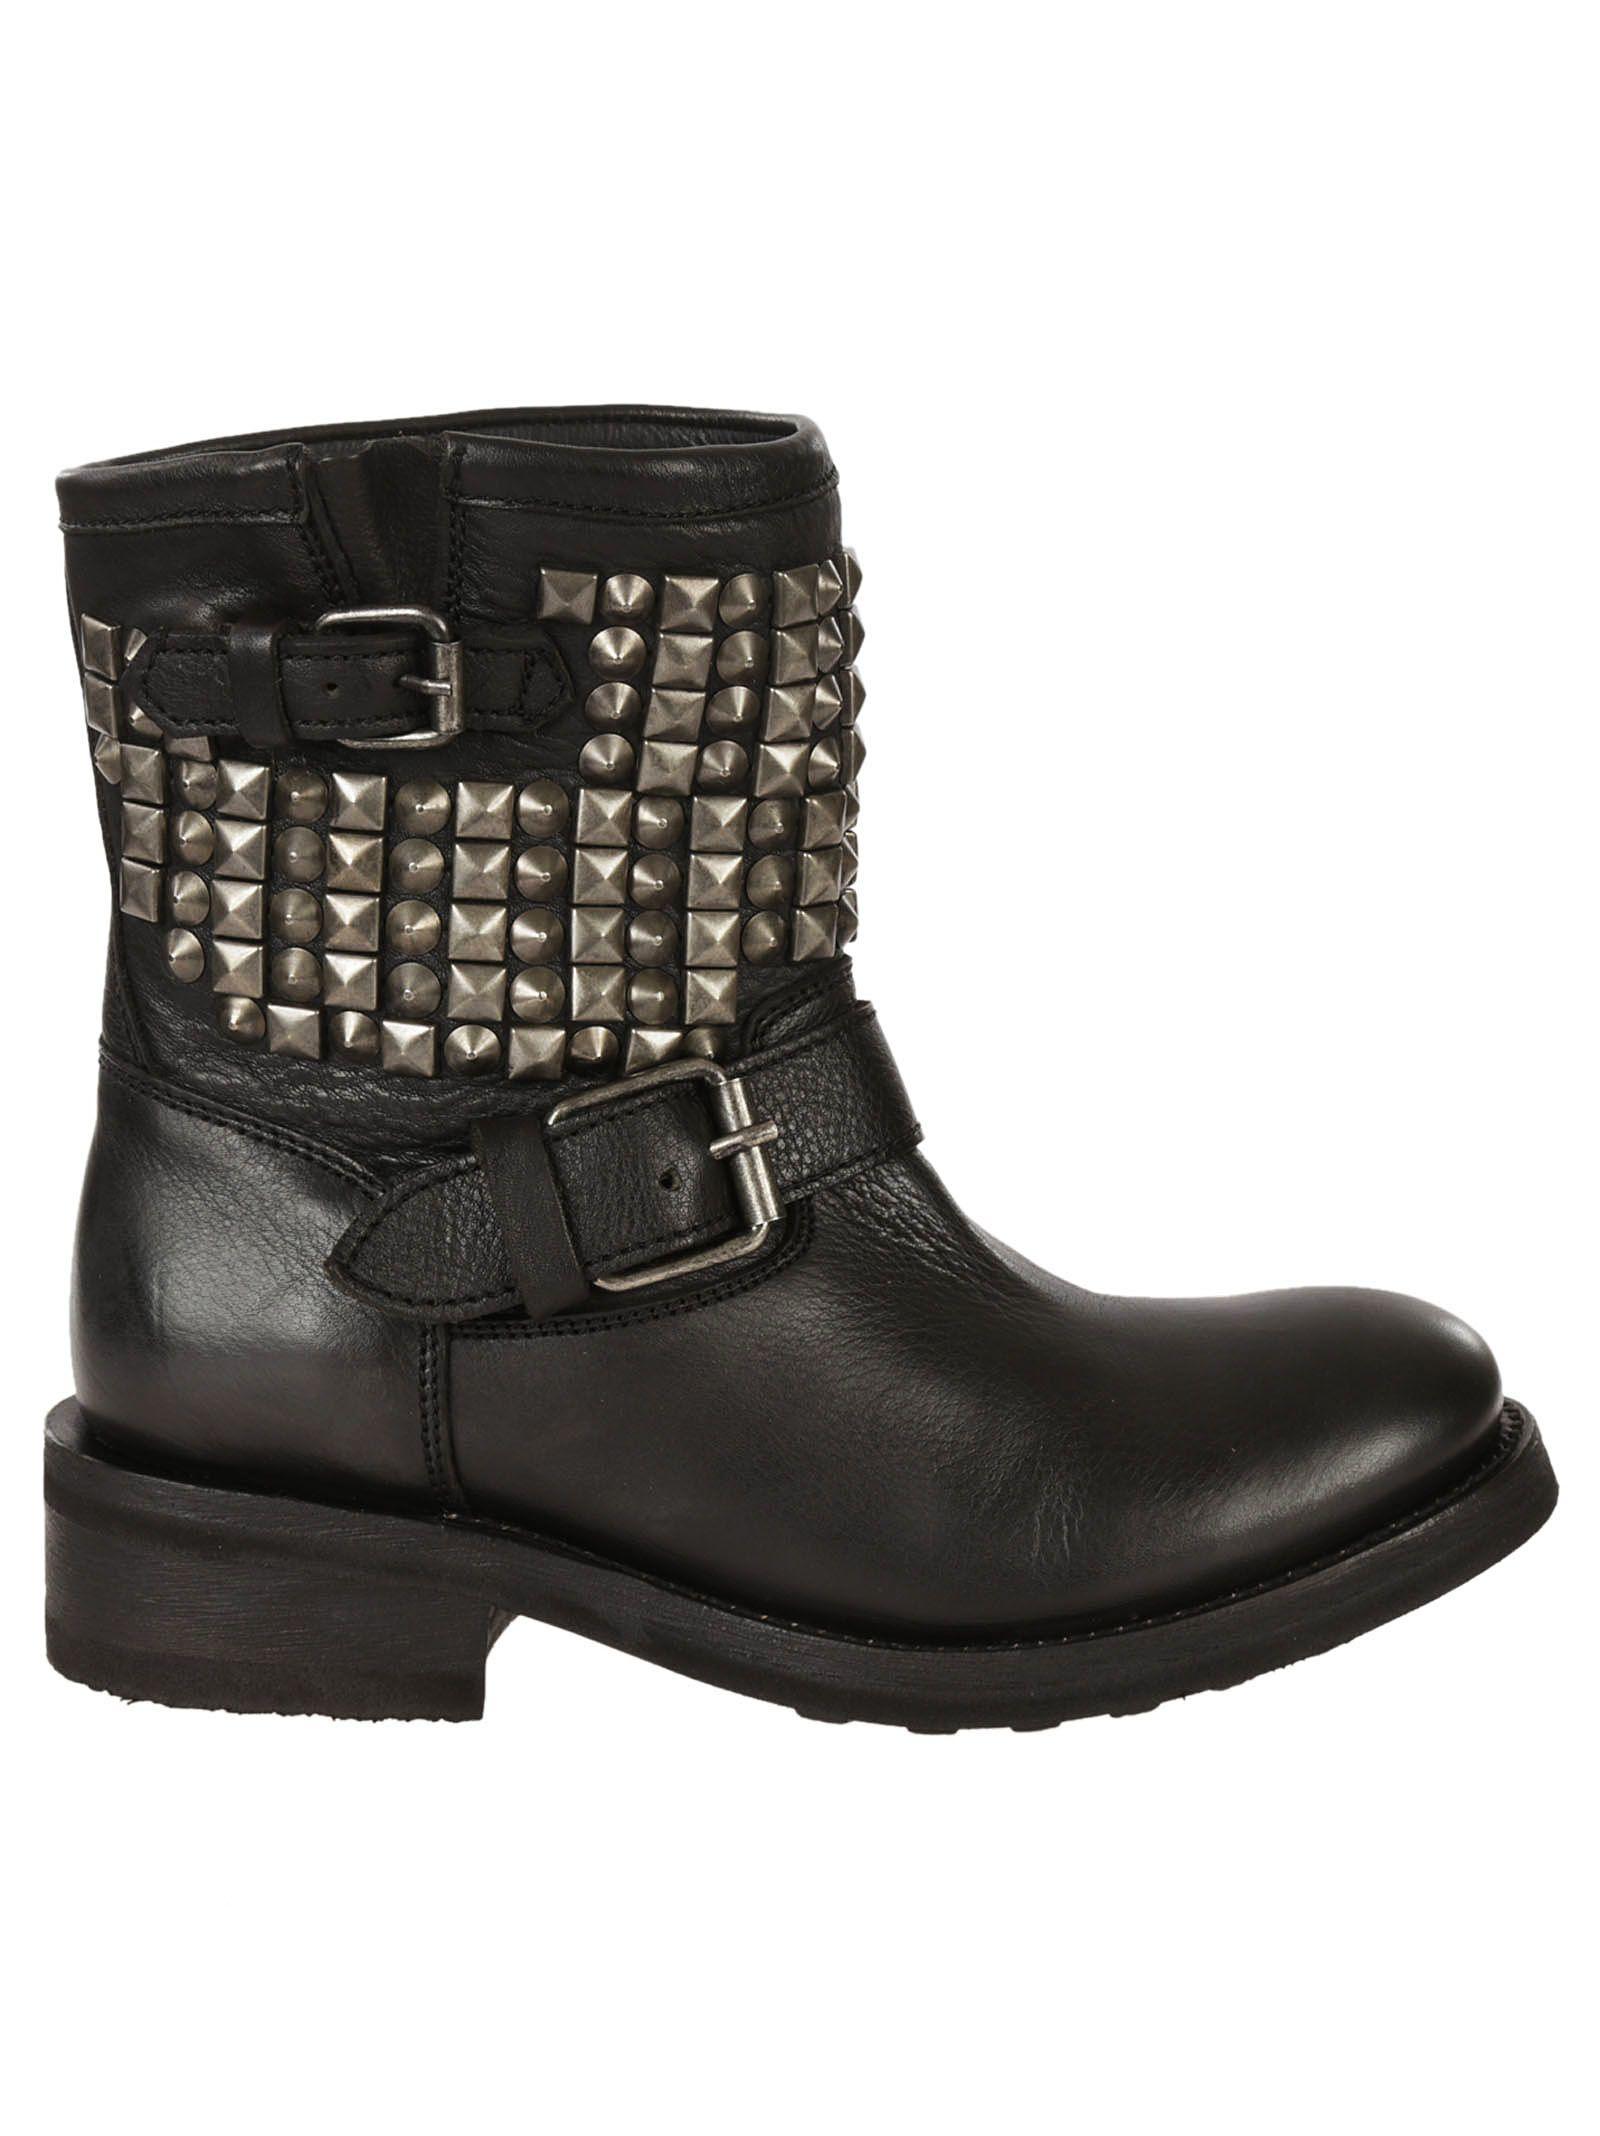 Ash Trap Ankle Boots